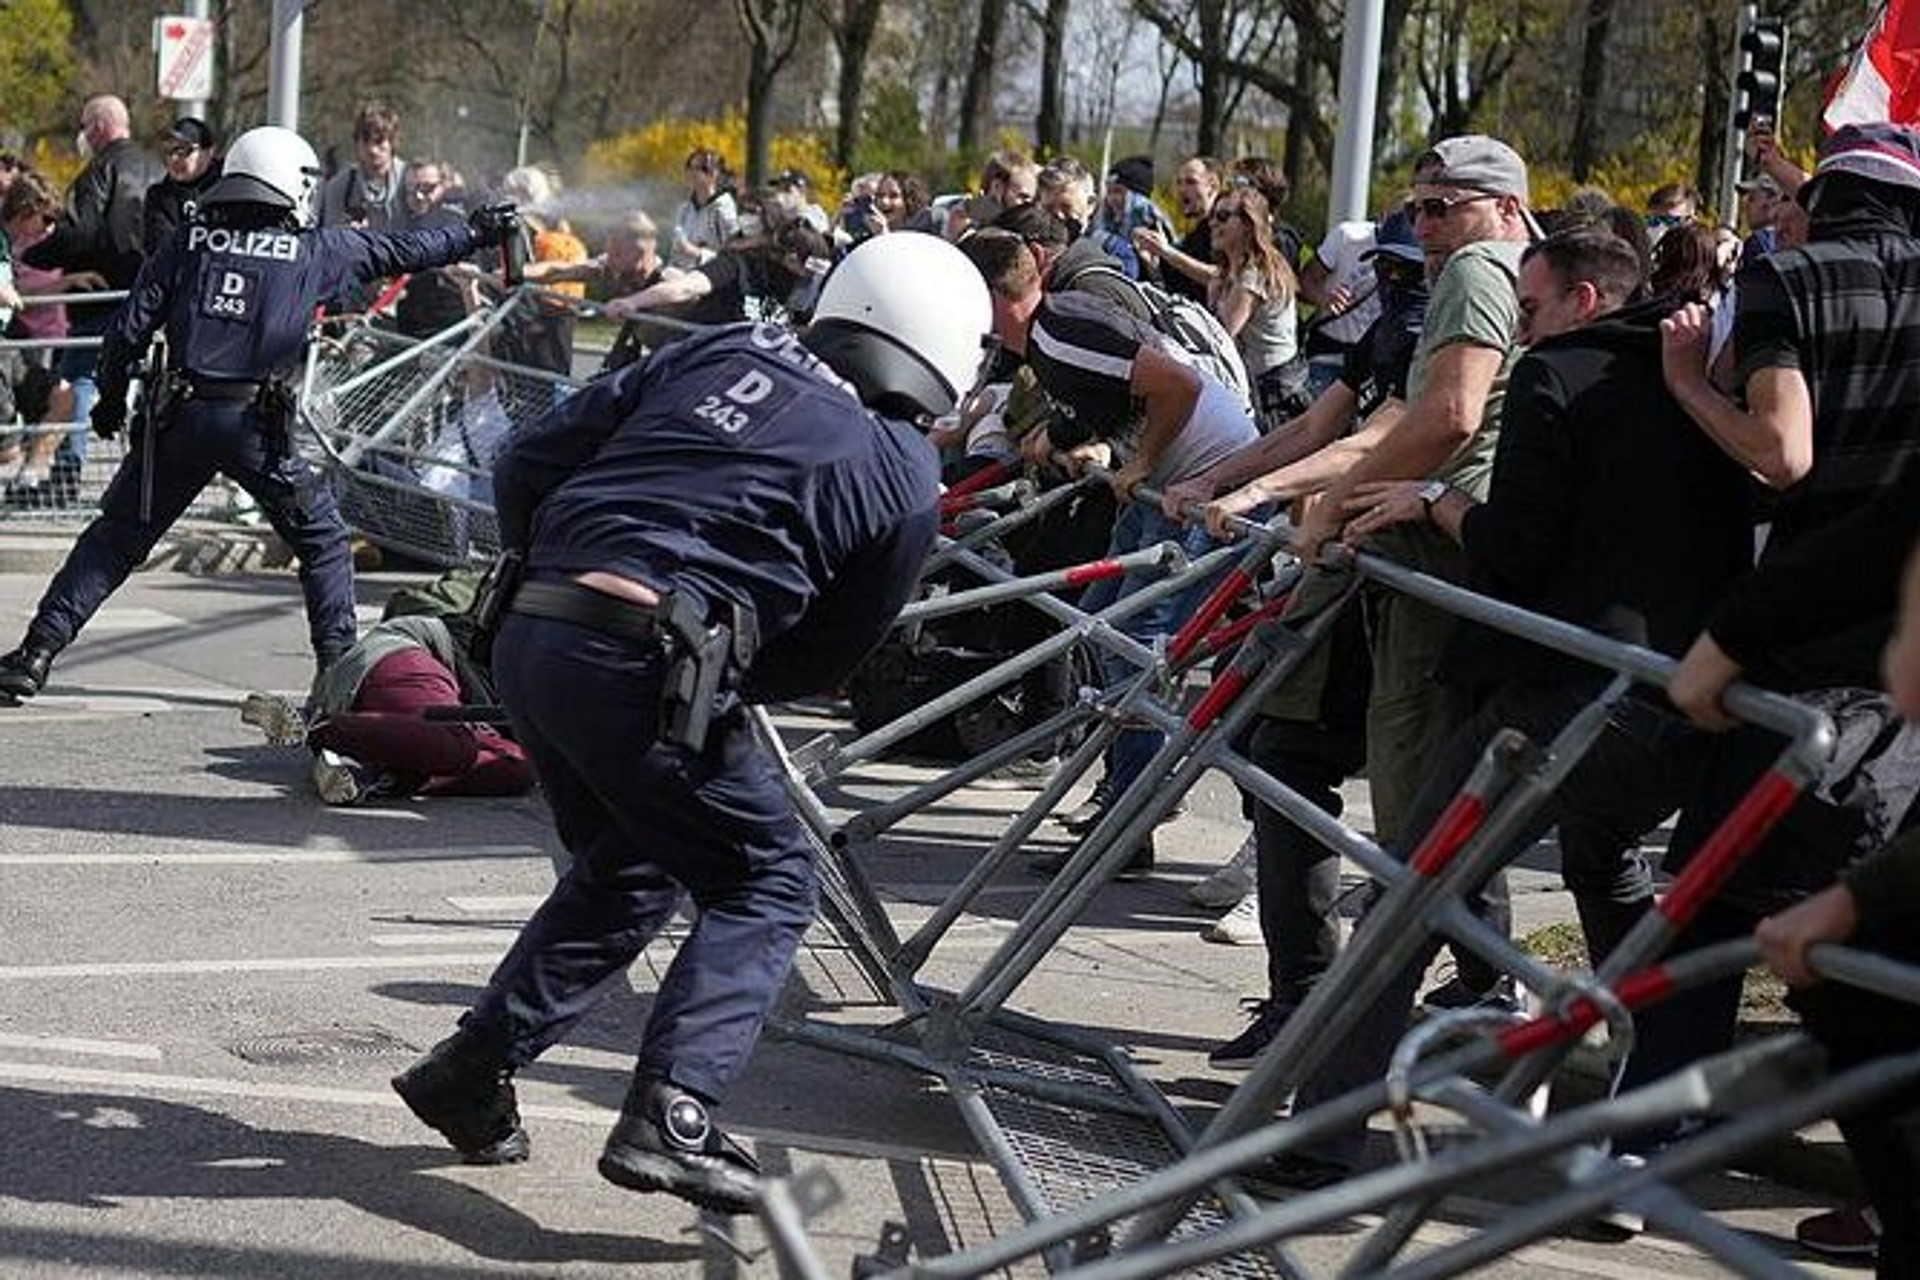 összecsapás a tüntetésen a rendőrséggel Bécsben